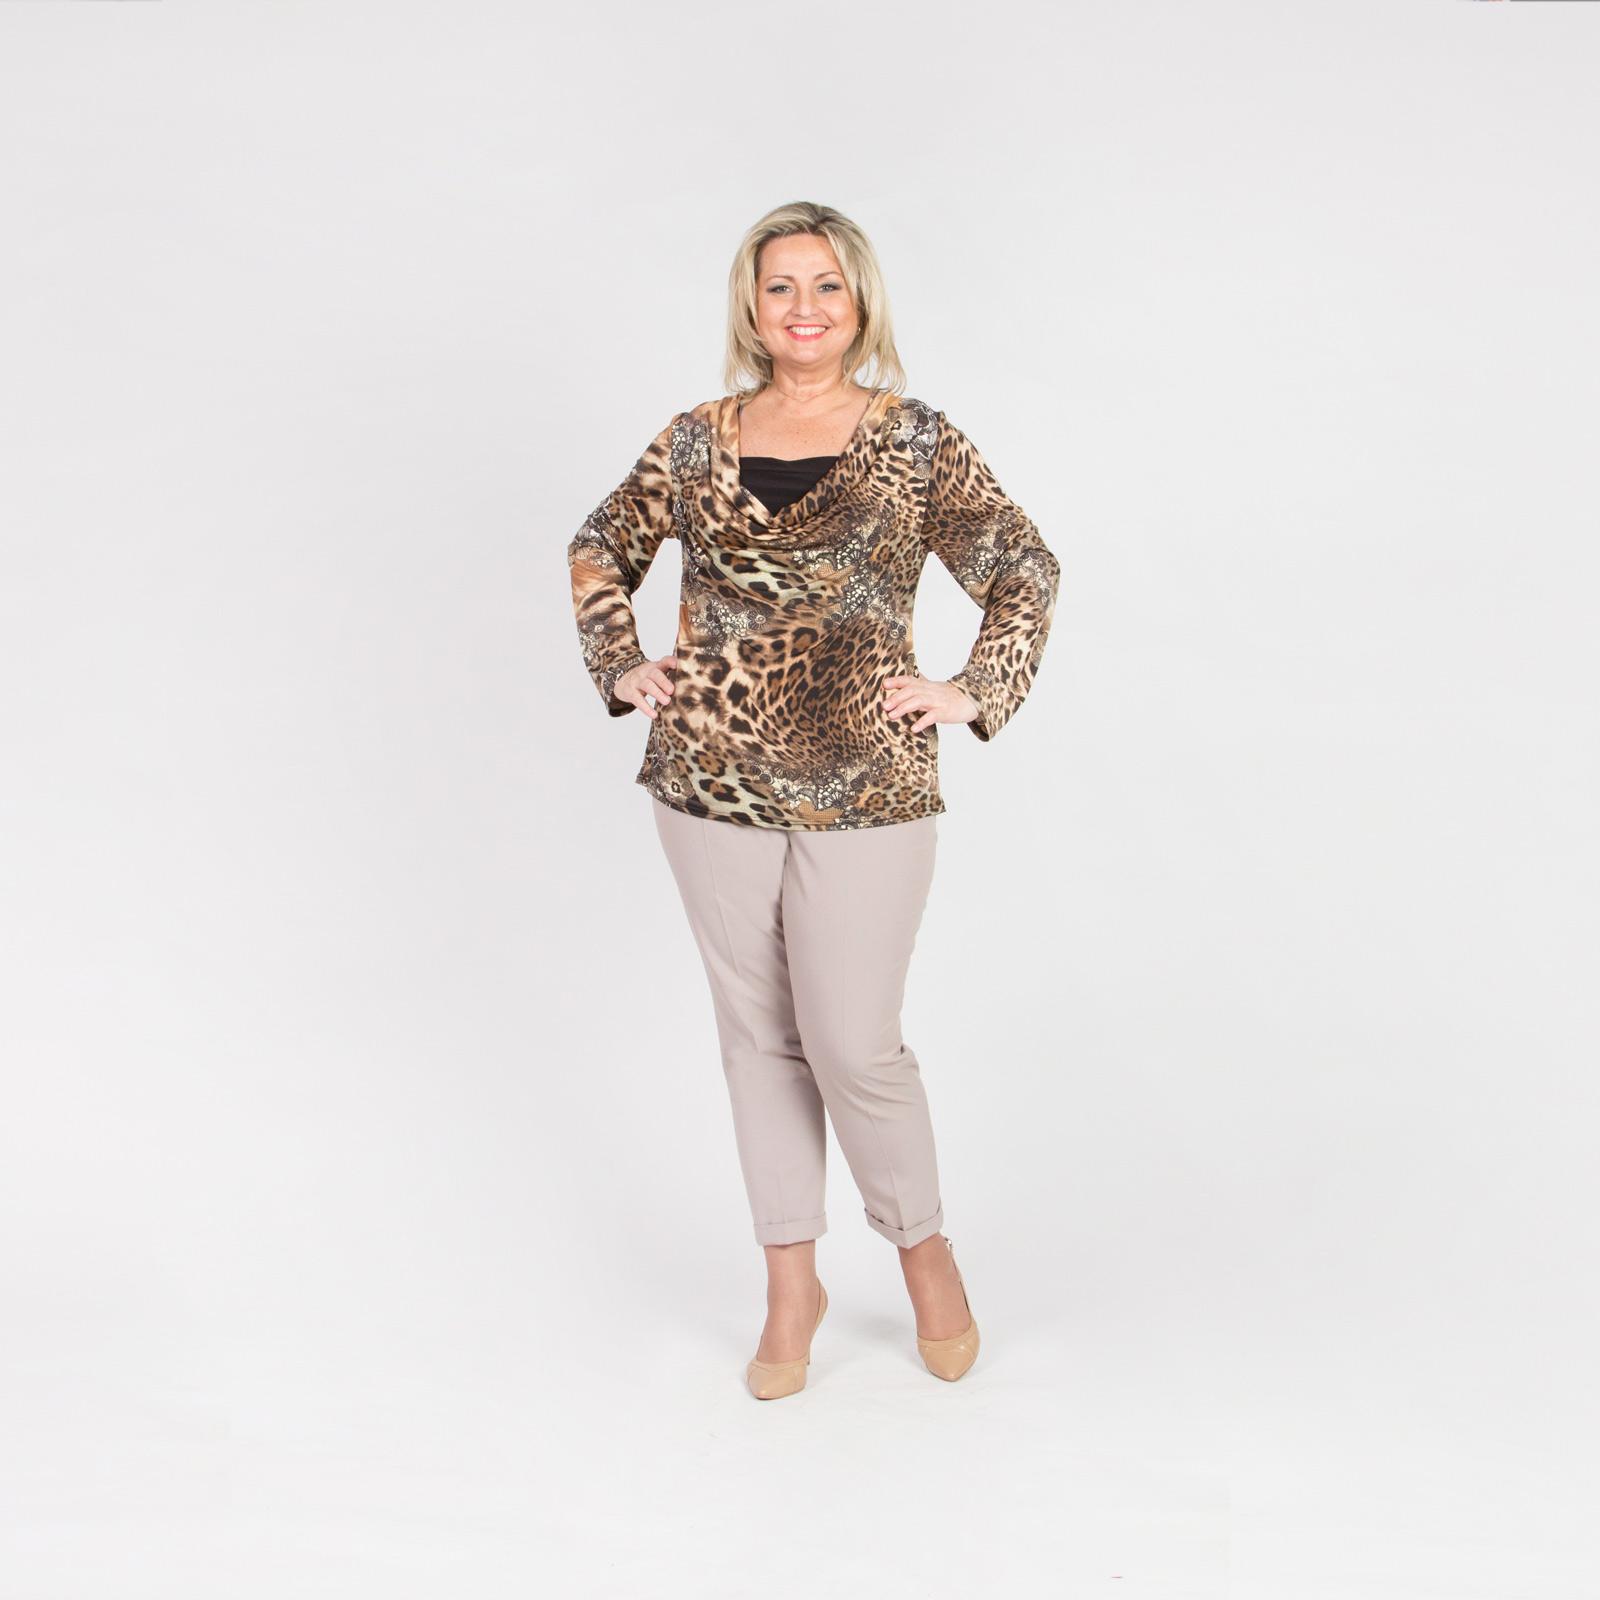 Блуза с хищным принтом и воротником «Качели» блузка с воротником качели helmidge блузка с воротником качели